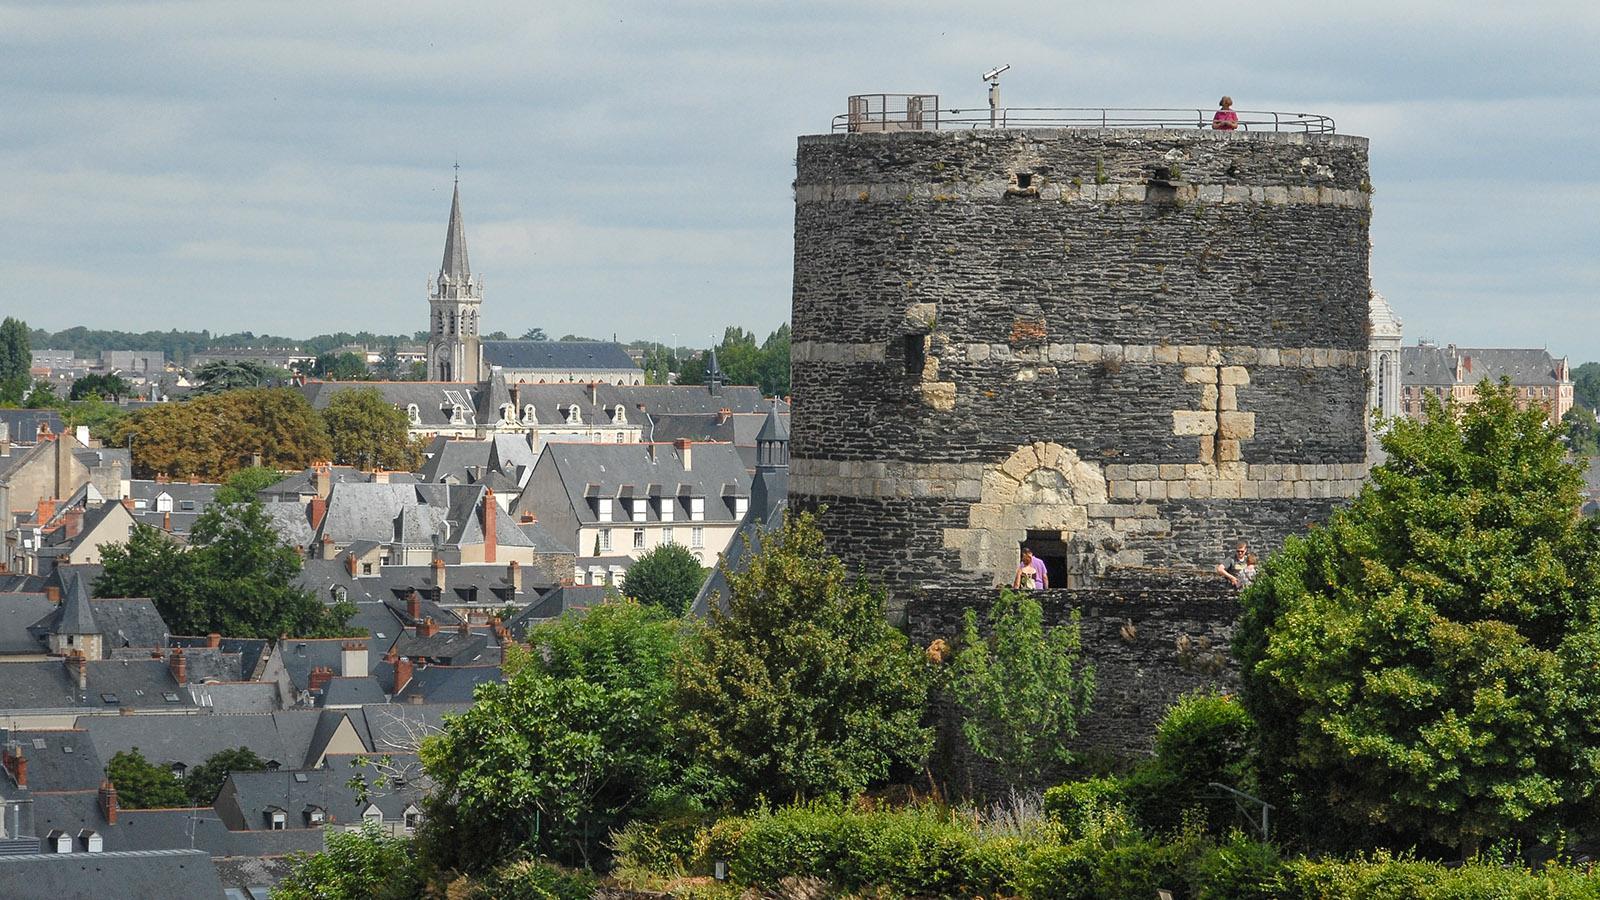 40 m hoch und wuchtig: der Mühlenturm des Château d'Angers. Foto: Hilke Maunder